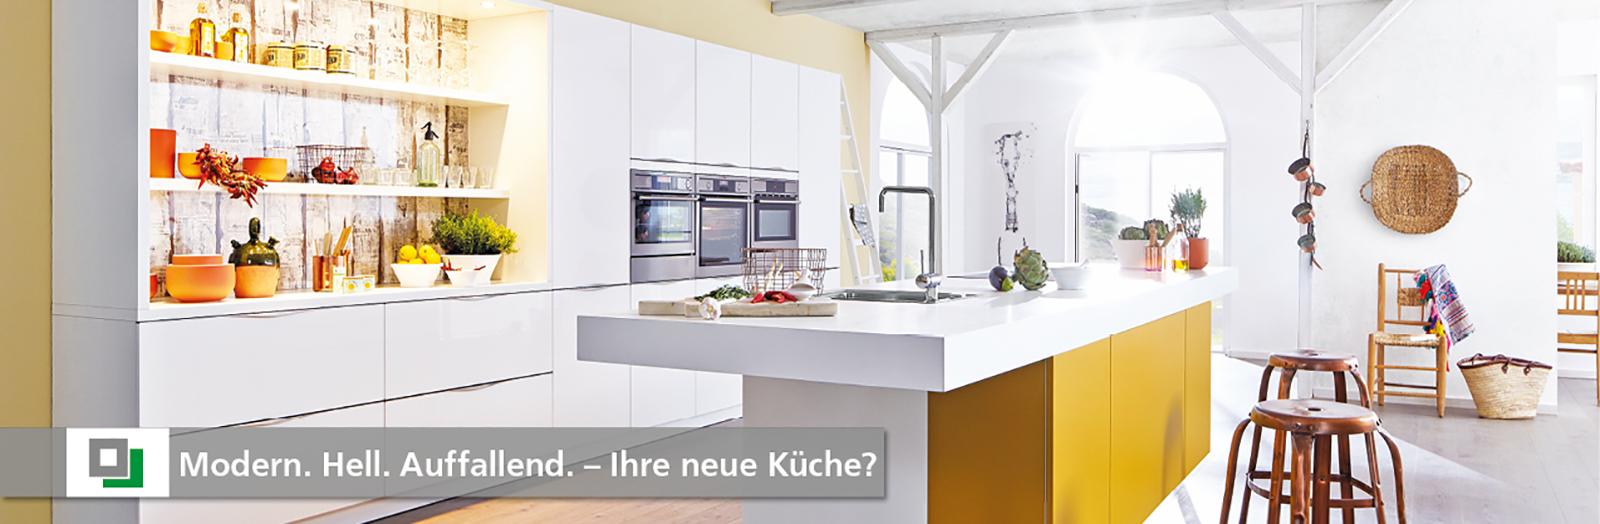 Modern, hell und attraktiv - Ihre neue Küche von - Küche und Raum, 82152 Planegg, 85072 Eichstätt